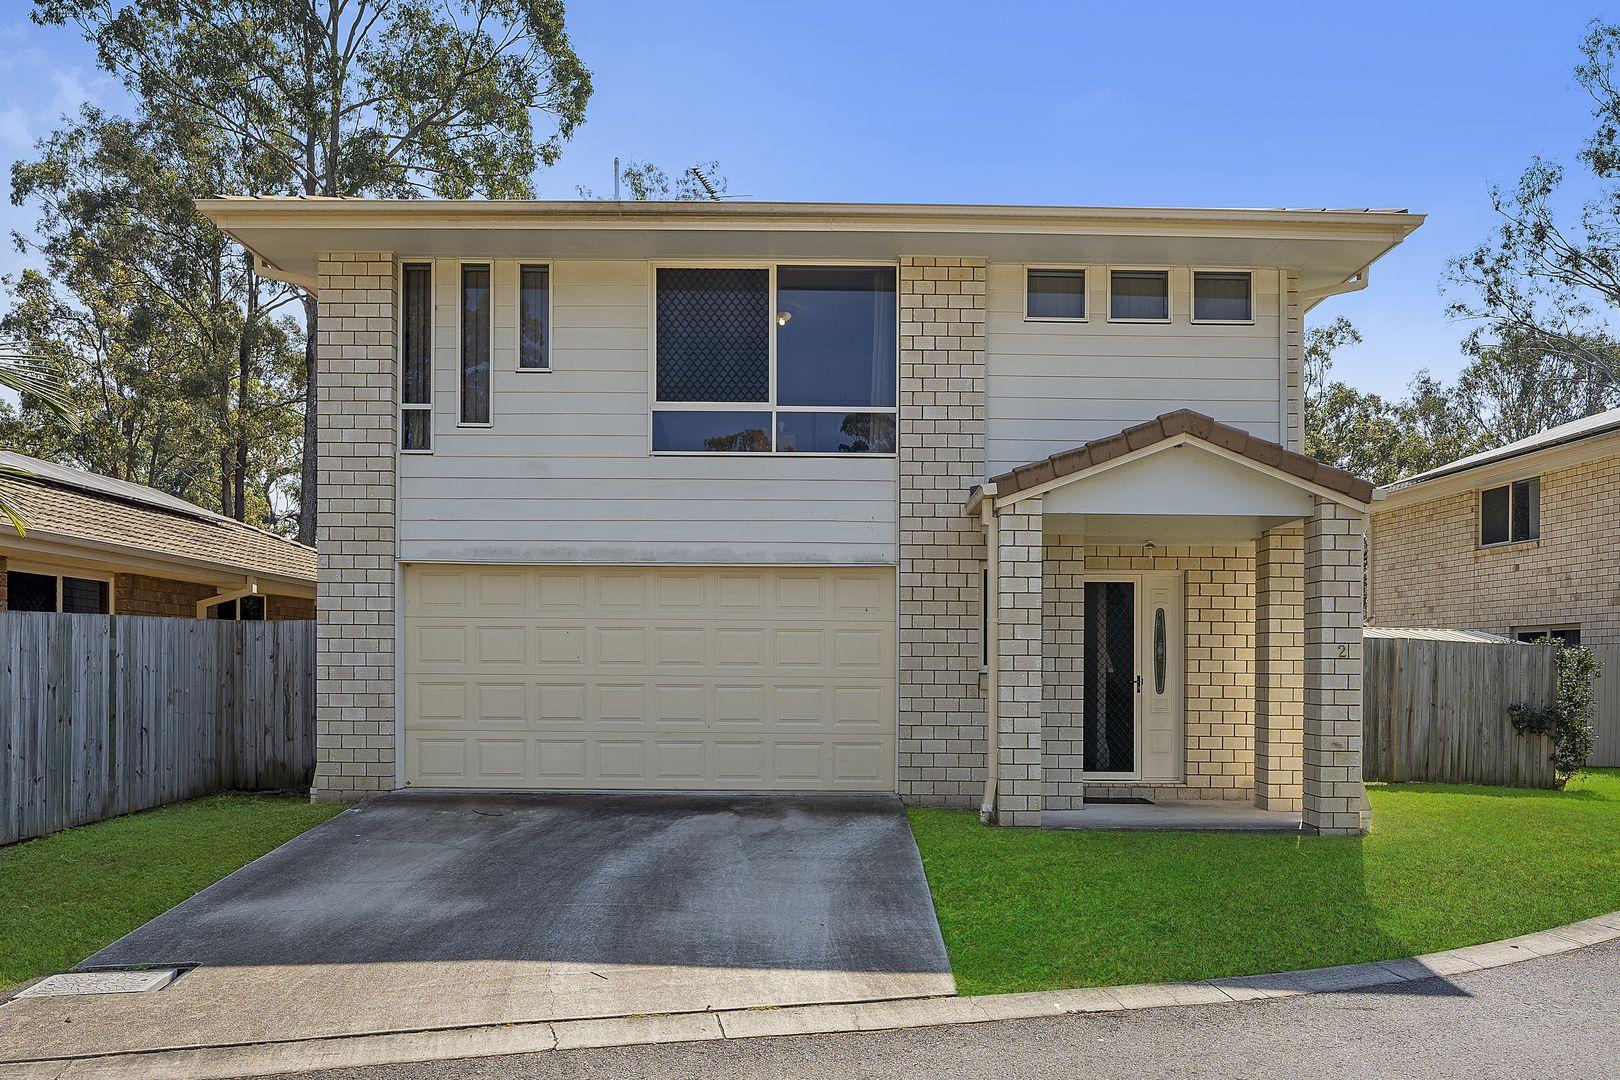 2/51 Silkyoak Drive, Morayfield QLD 4506, Image 0